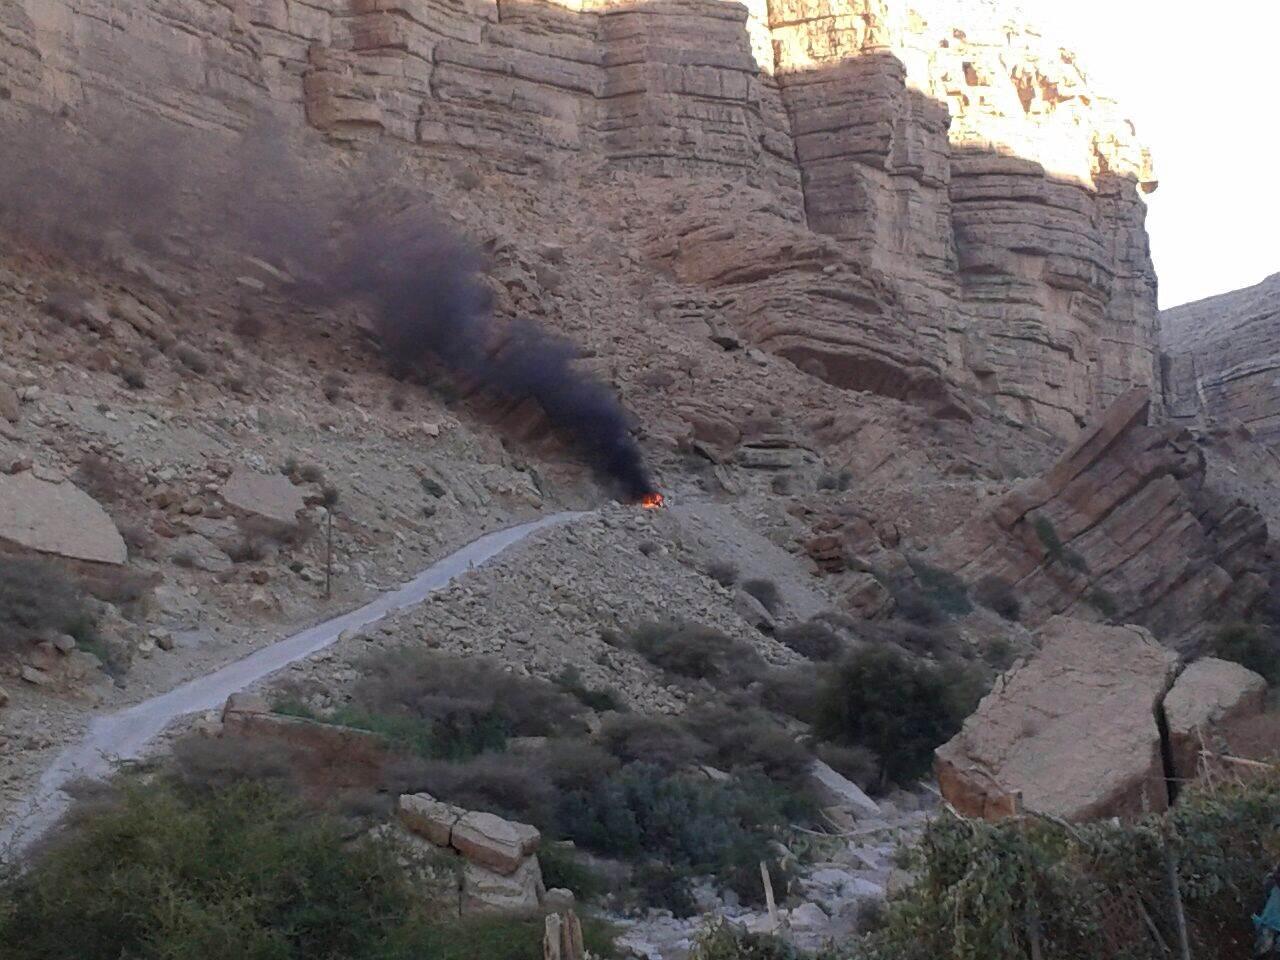 an attack in wadi shabu in Yemen left 4 dead from al-Qaeda in southern yemen, on 1 February.